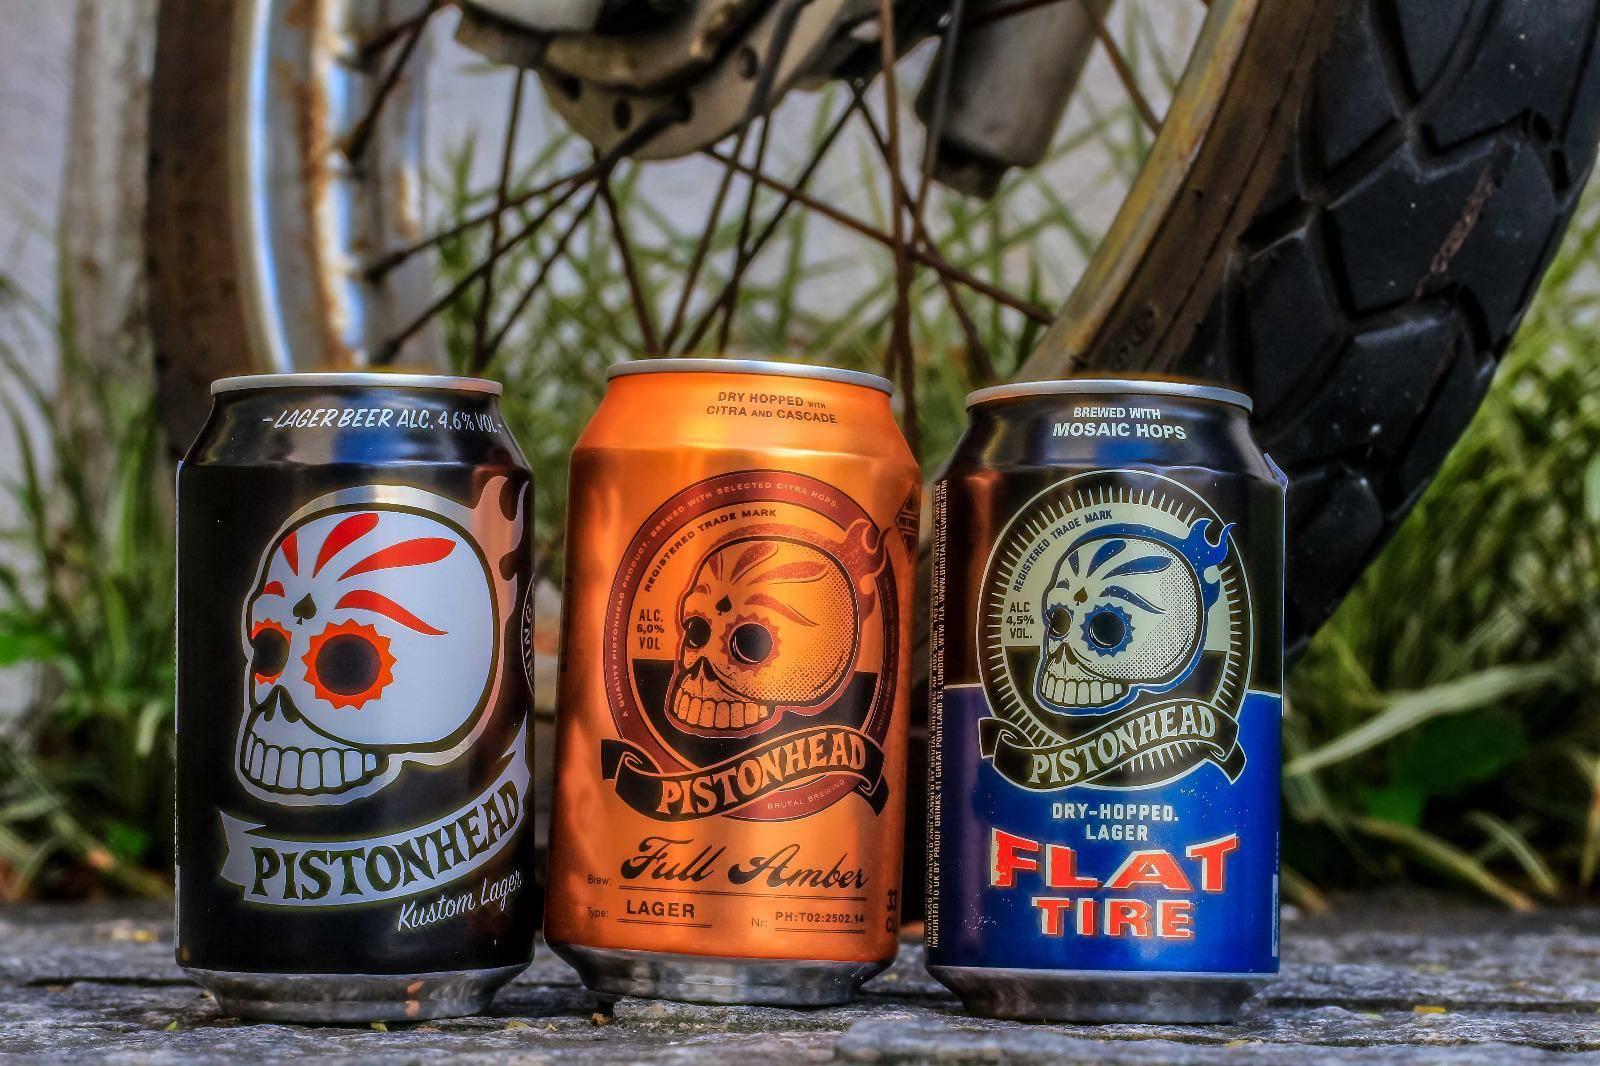 pistonhead-latas-santos